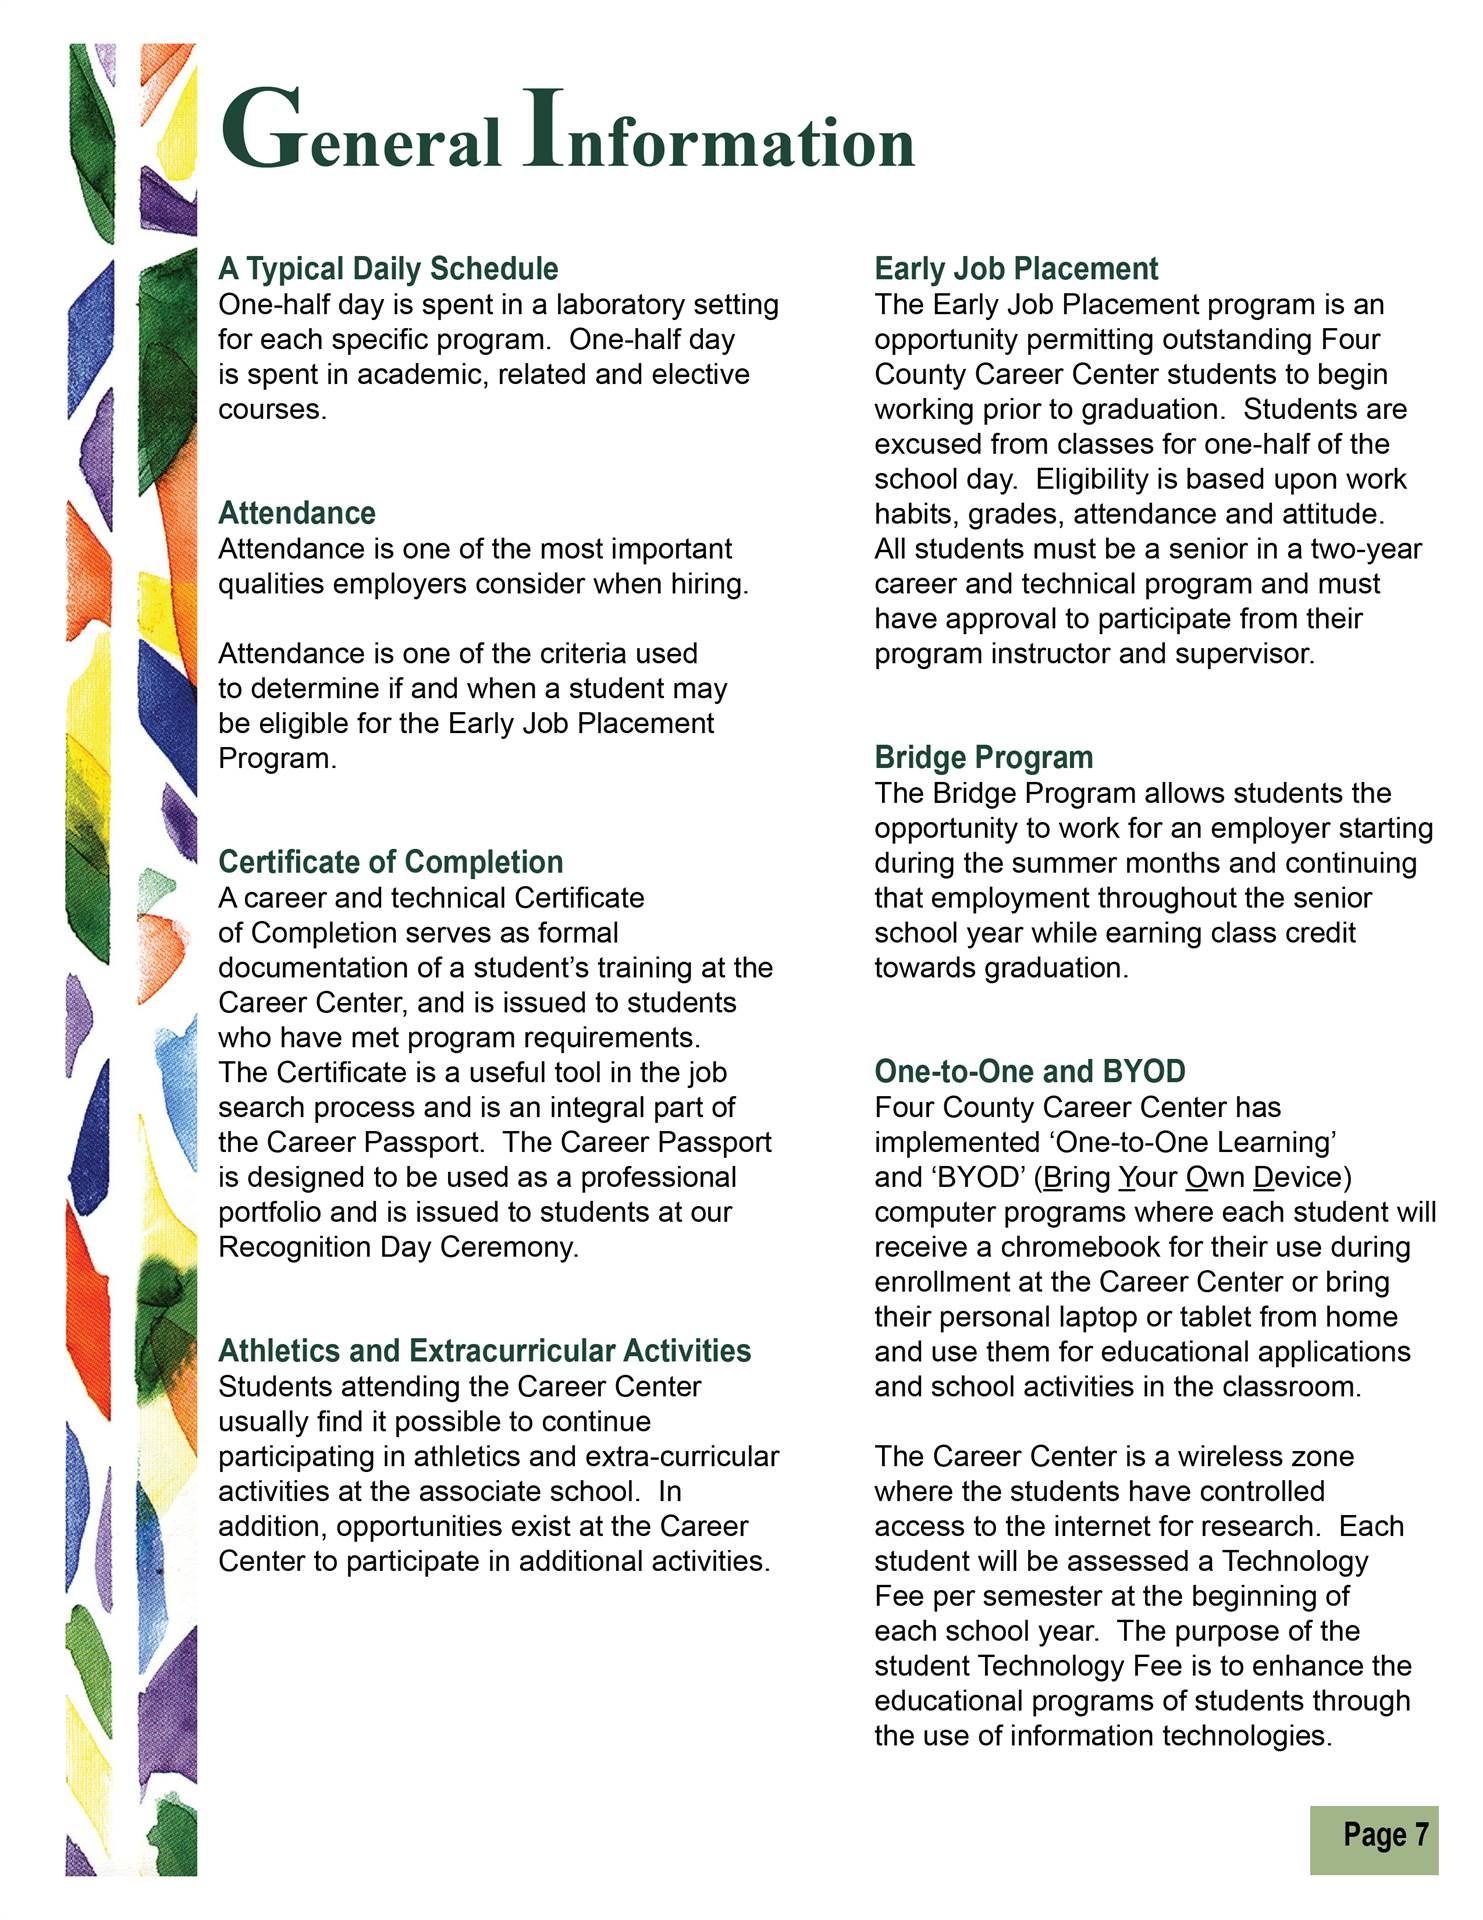 General Information pg 2